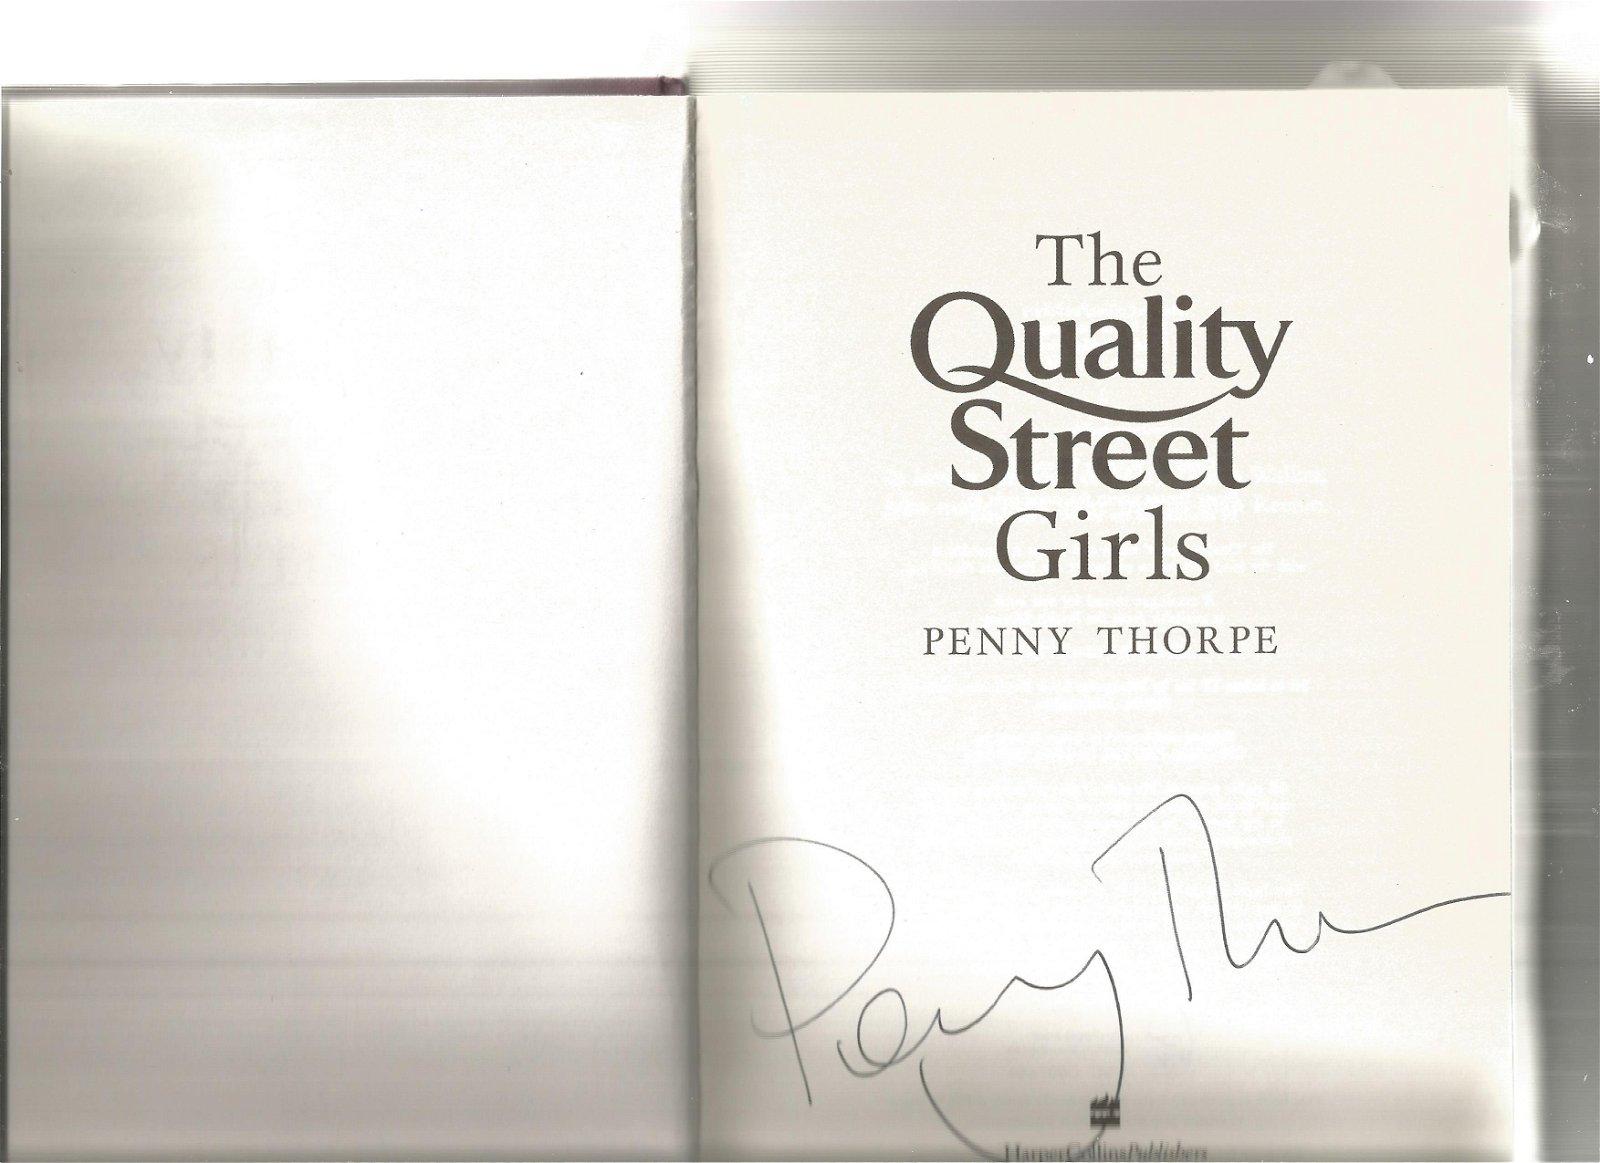 Penny Thorpe signed The Quality Street Girls hardback